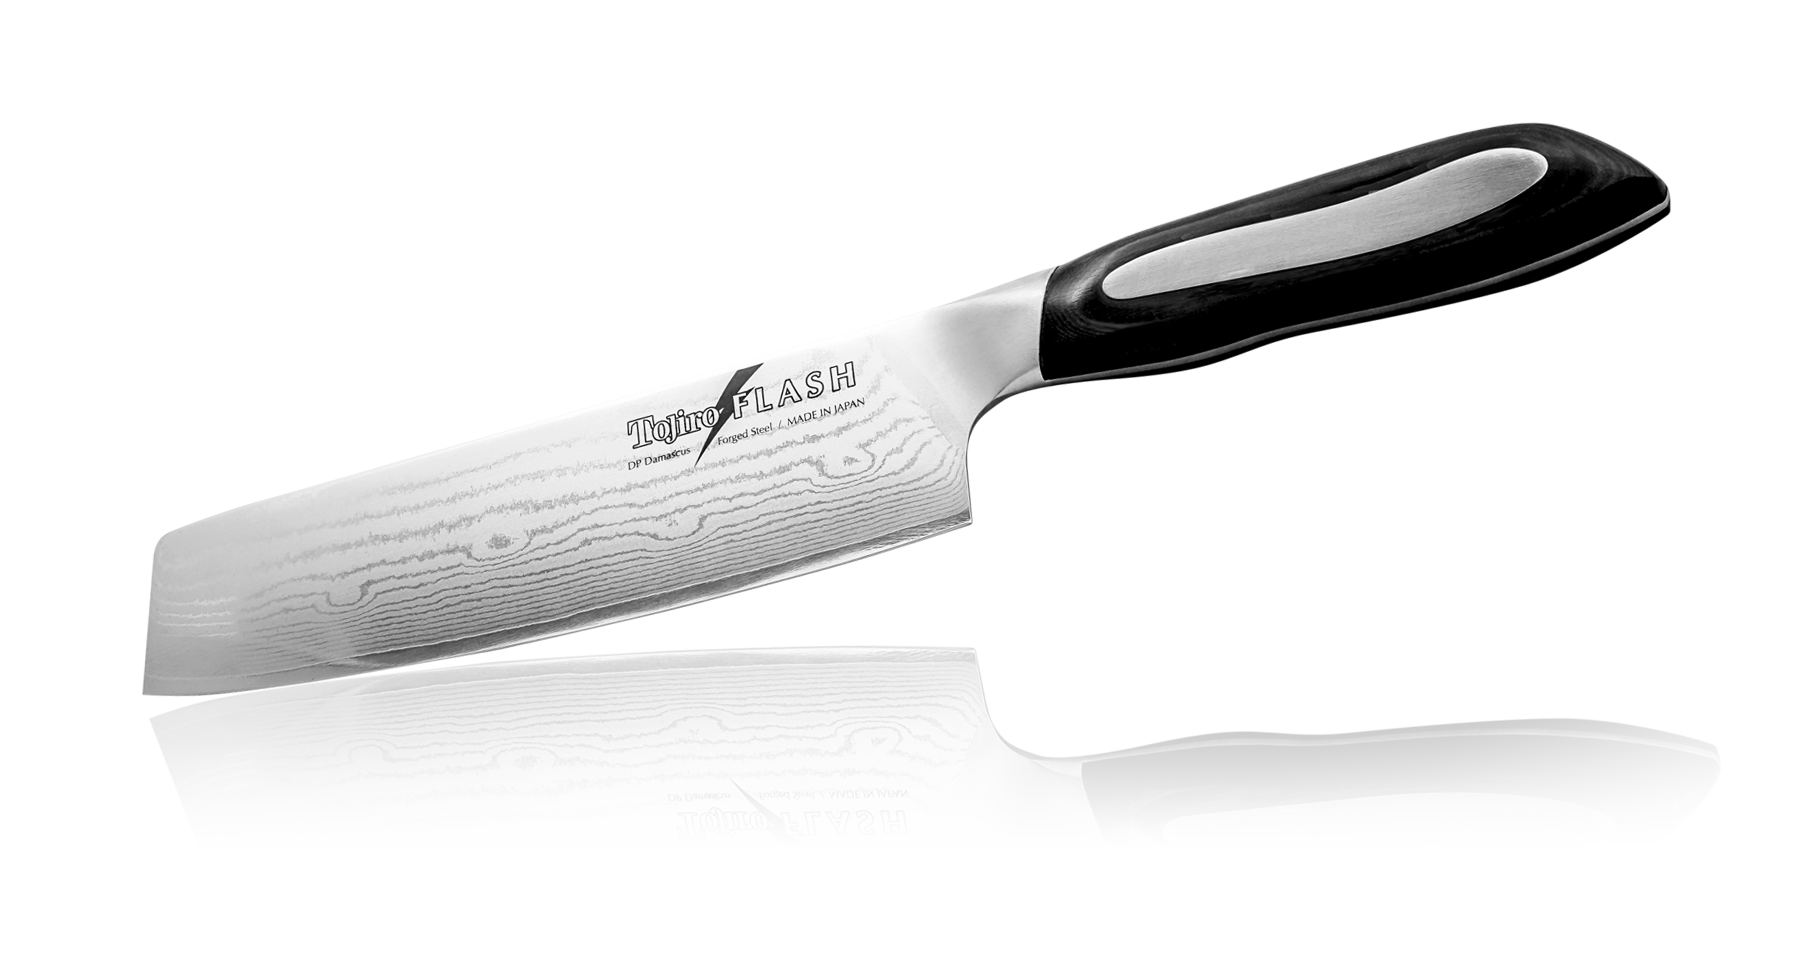 Нож Овощной Tojiro Flash 180 мм, сталь VG-10 нож овощной supreme series dp 165 мм сталь vg 10 tojiro